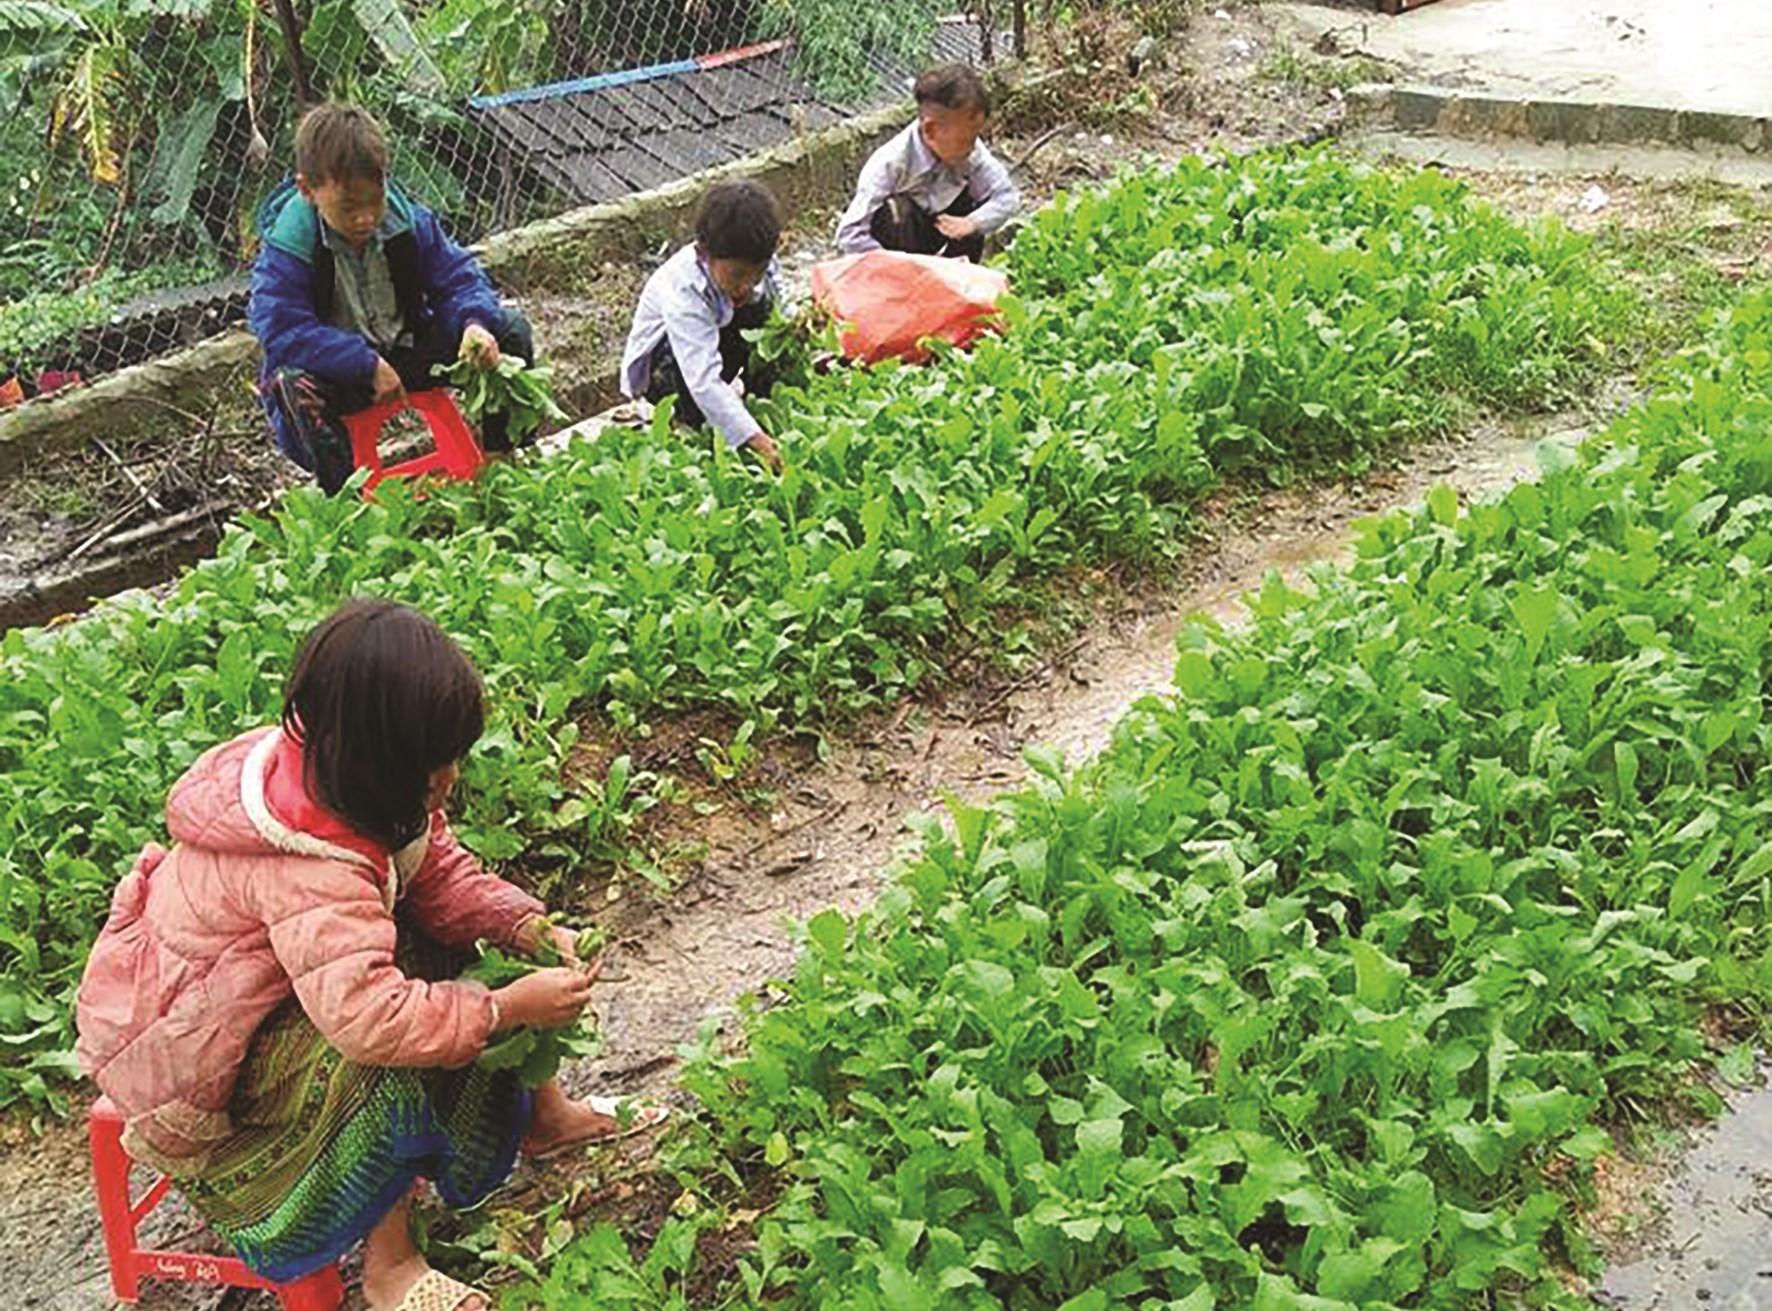 Các em học sinh Trường PTDTBT Tiểu học Sơn Lương chăm sóc vườn rau tại trường